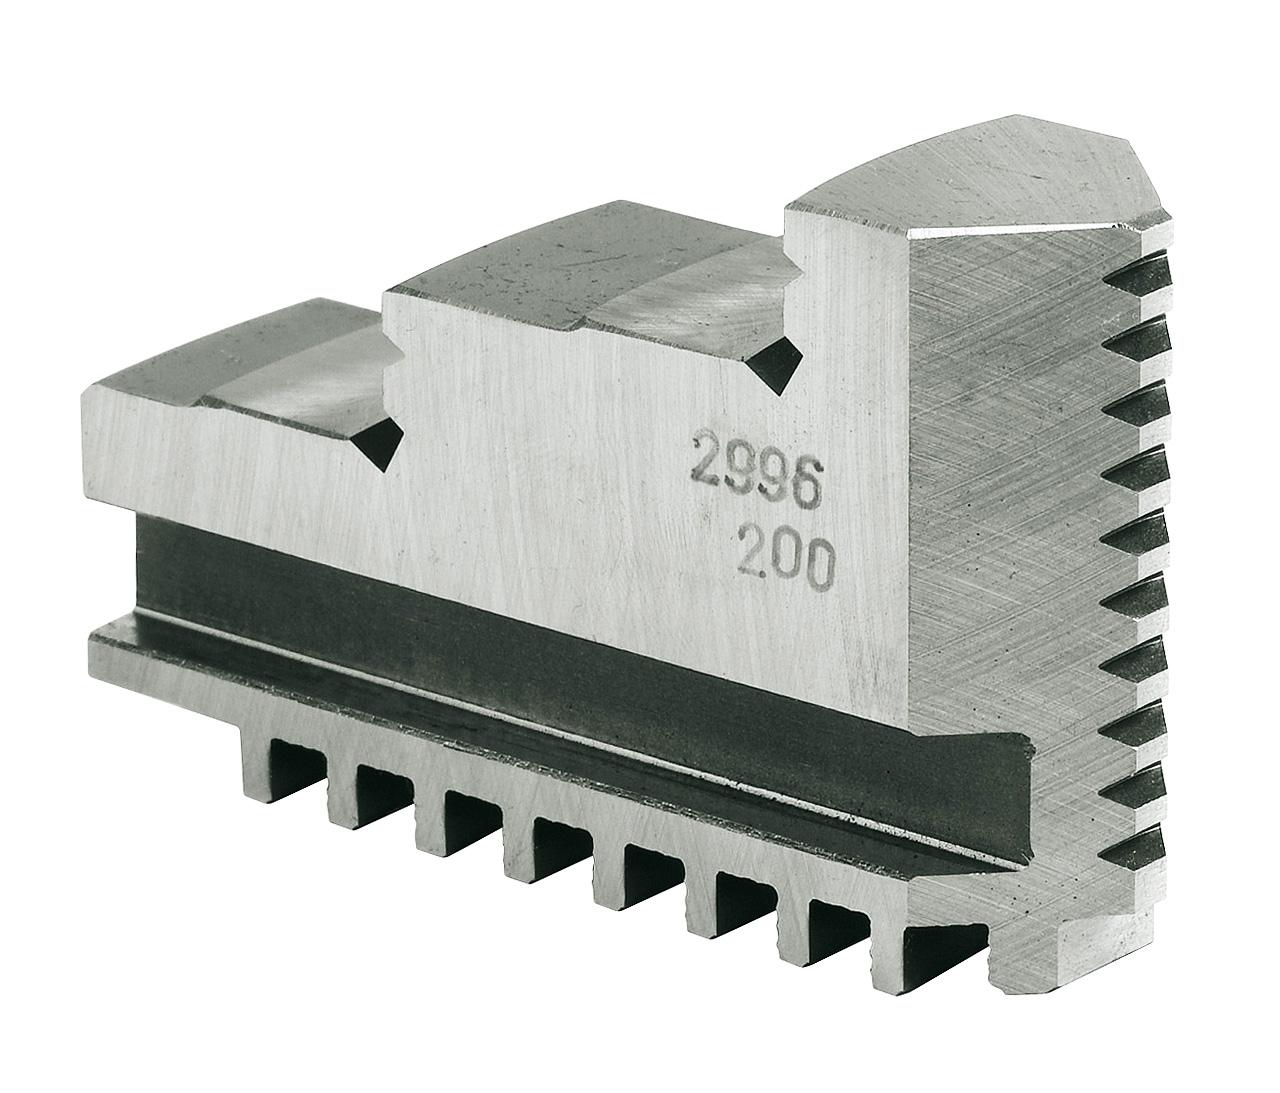 Szczęki jednolite twarde zewnętrzne - komplet OJ-PS4-250 BERNARDO